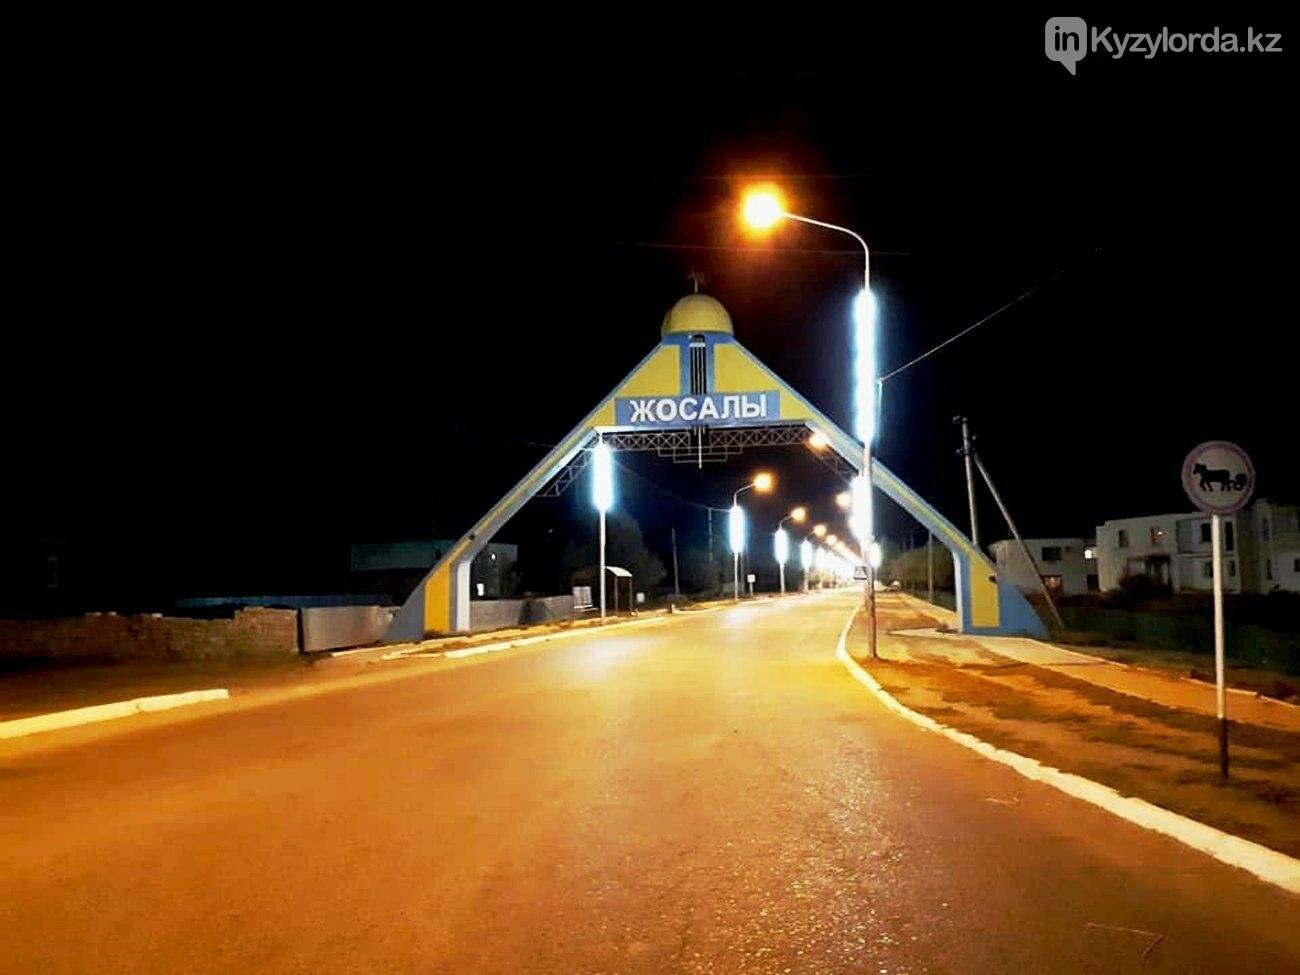 В поселке Жосалы ведется активная работа по проведению уличного освещения. , фото-1